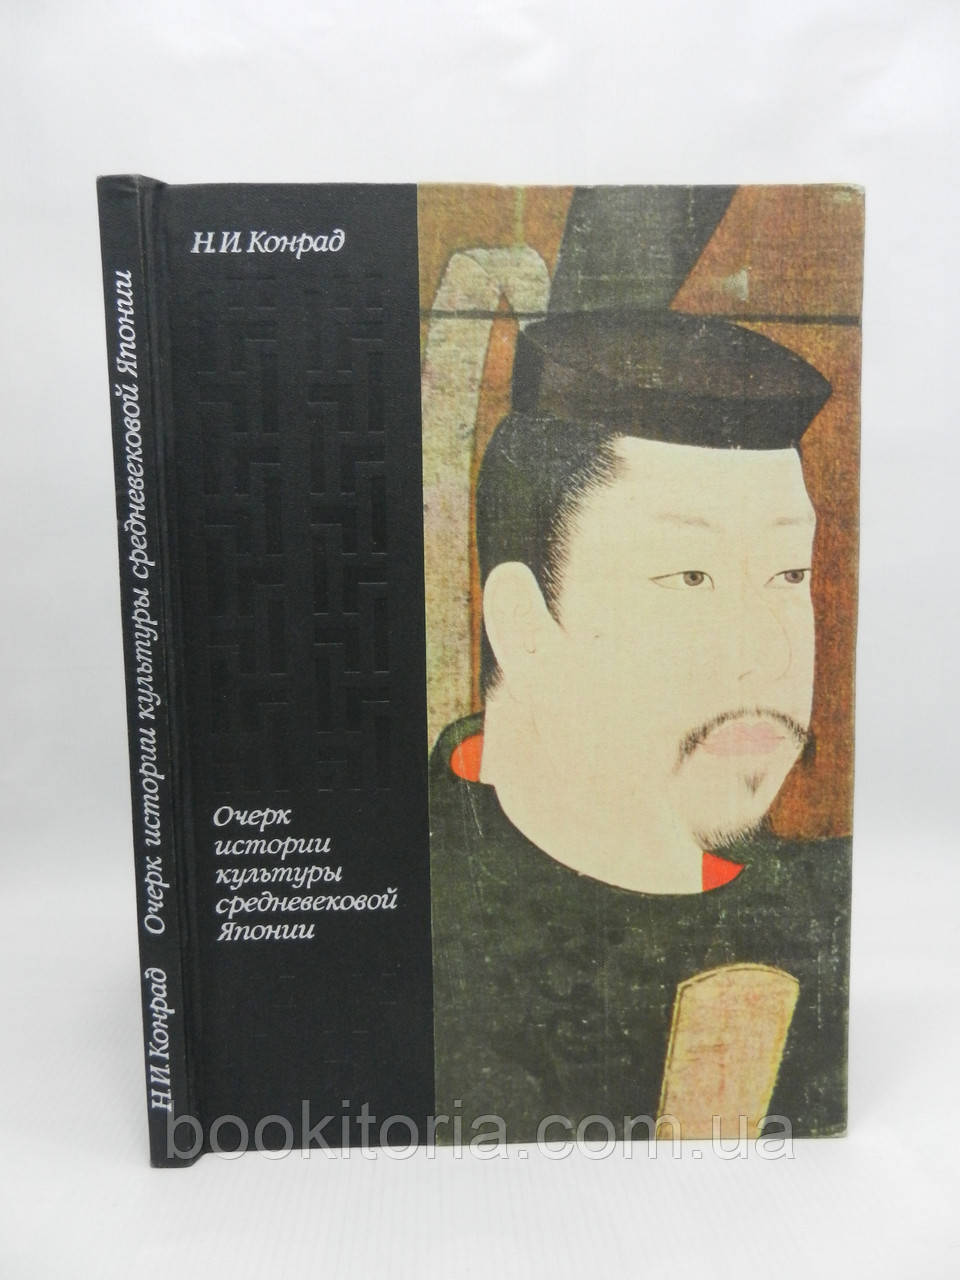 Конрад Н. Очерк истории культуры средневековой Японии (б/у).